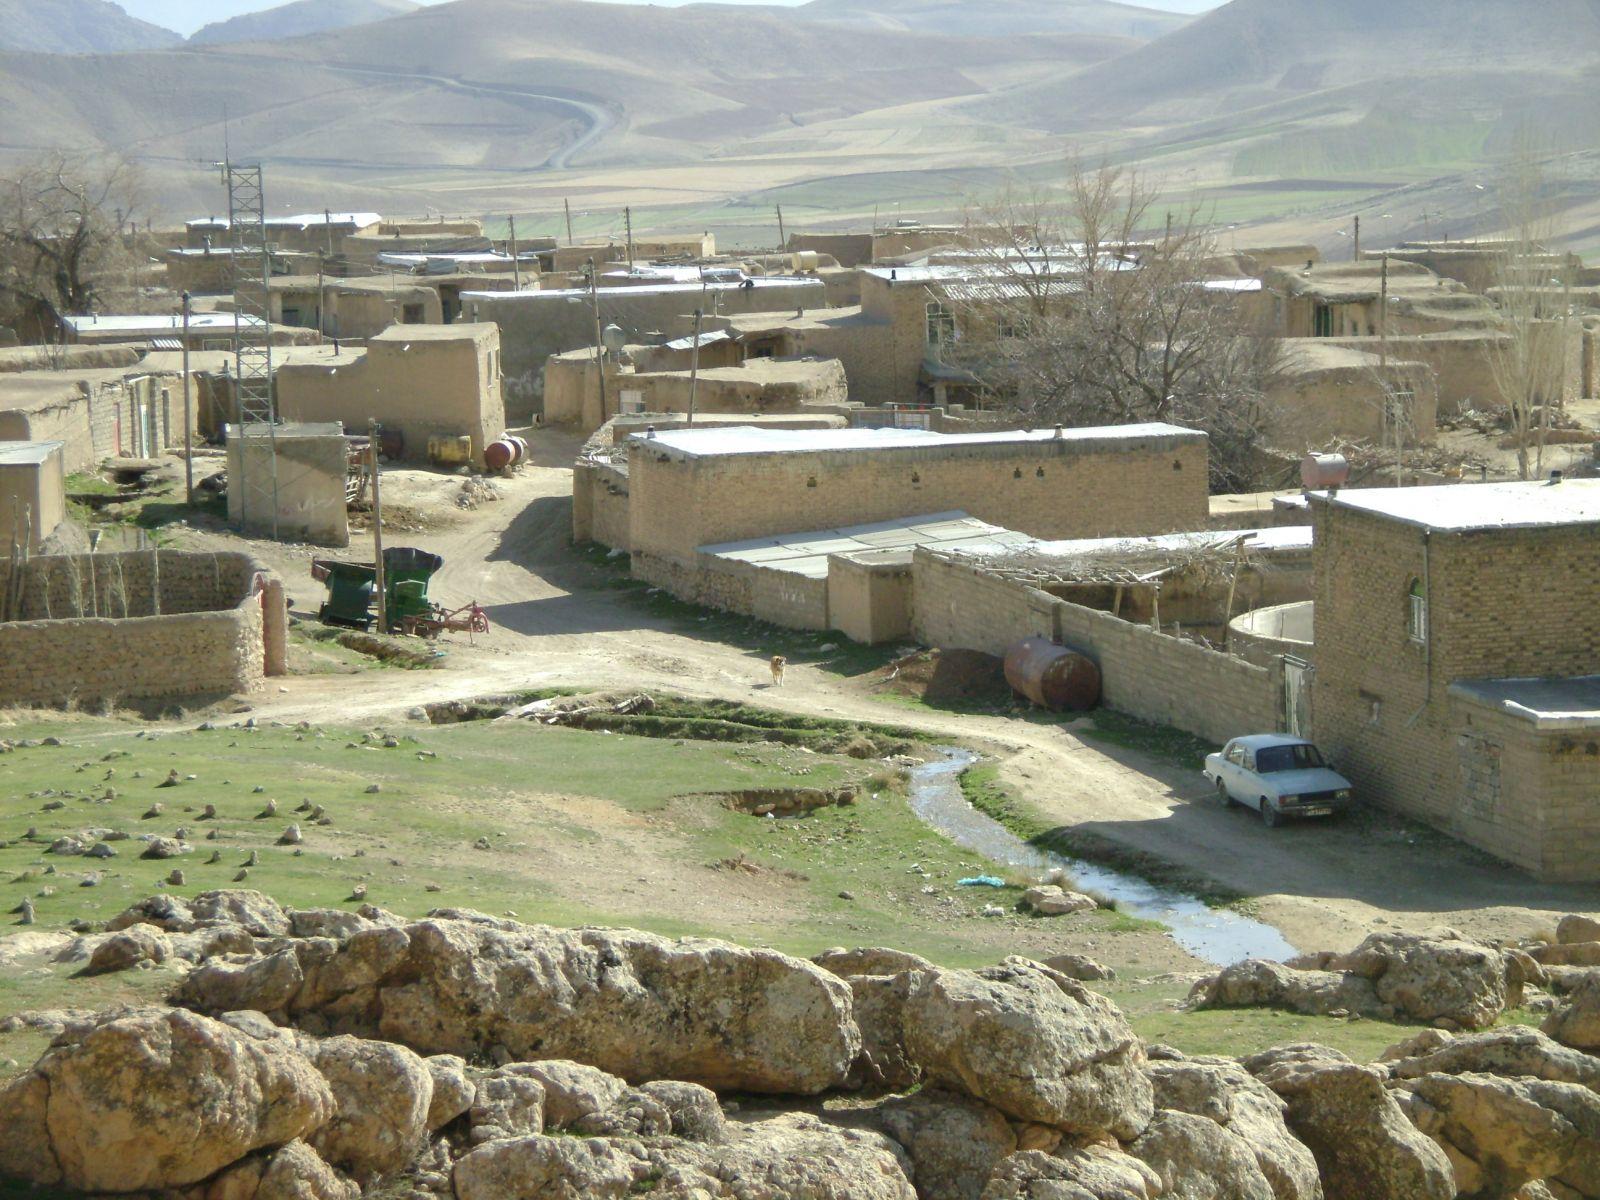 «گلویج»روستای هدف گردشگری در سنقر و کلیایی / وجود ۱۳۵ هزار هکتار زمین زراعی در سنقر